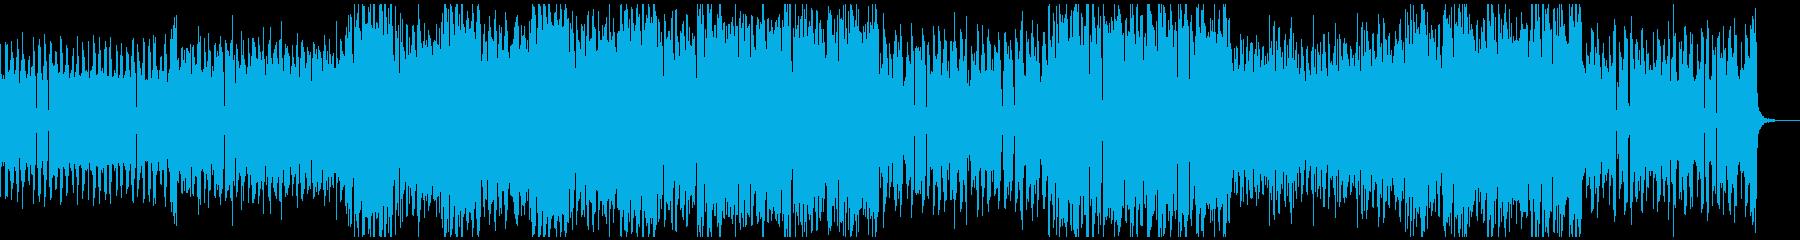 アグレッシブな低音が響くダークテクノの再生済みの波形